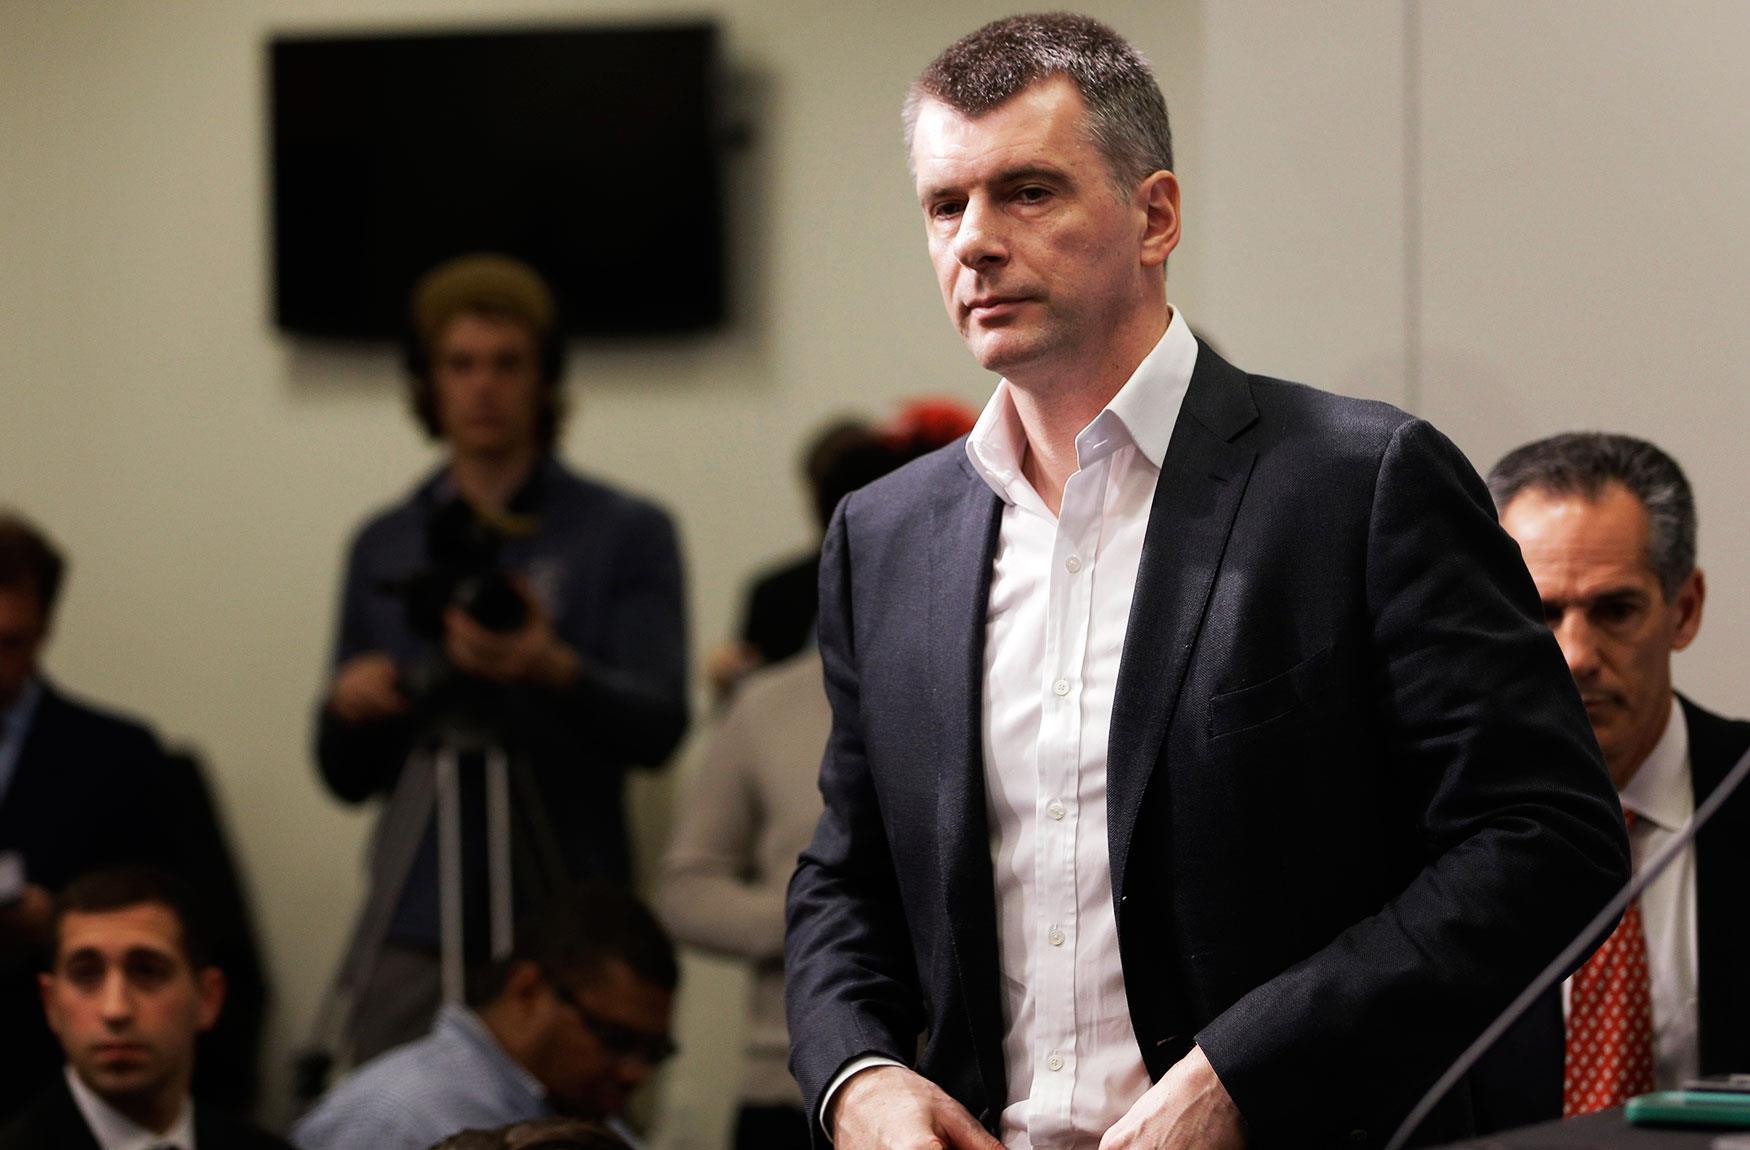 Чем живет один из богатейших бизнесменов россии и бывший кандидат в президенты михаил прохоров